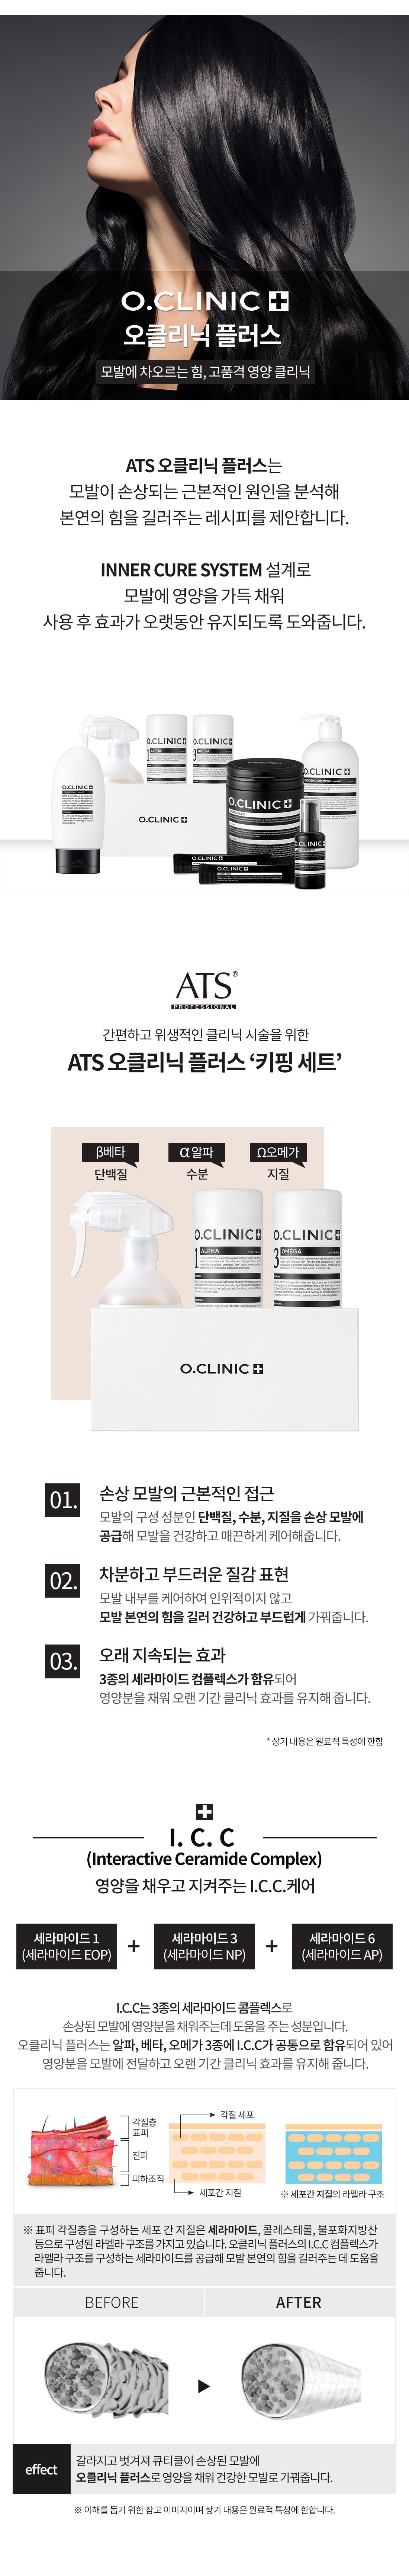 oclinic_01.jpg